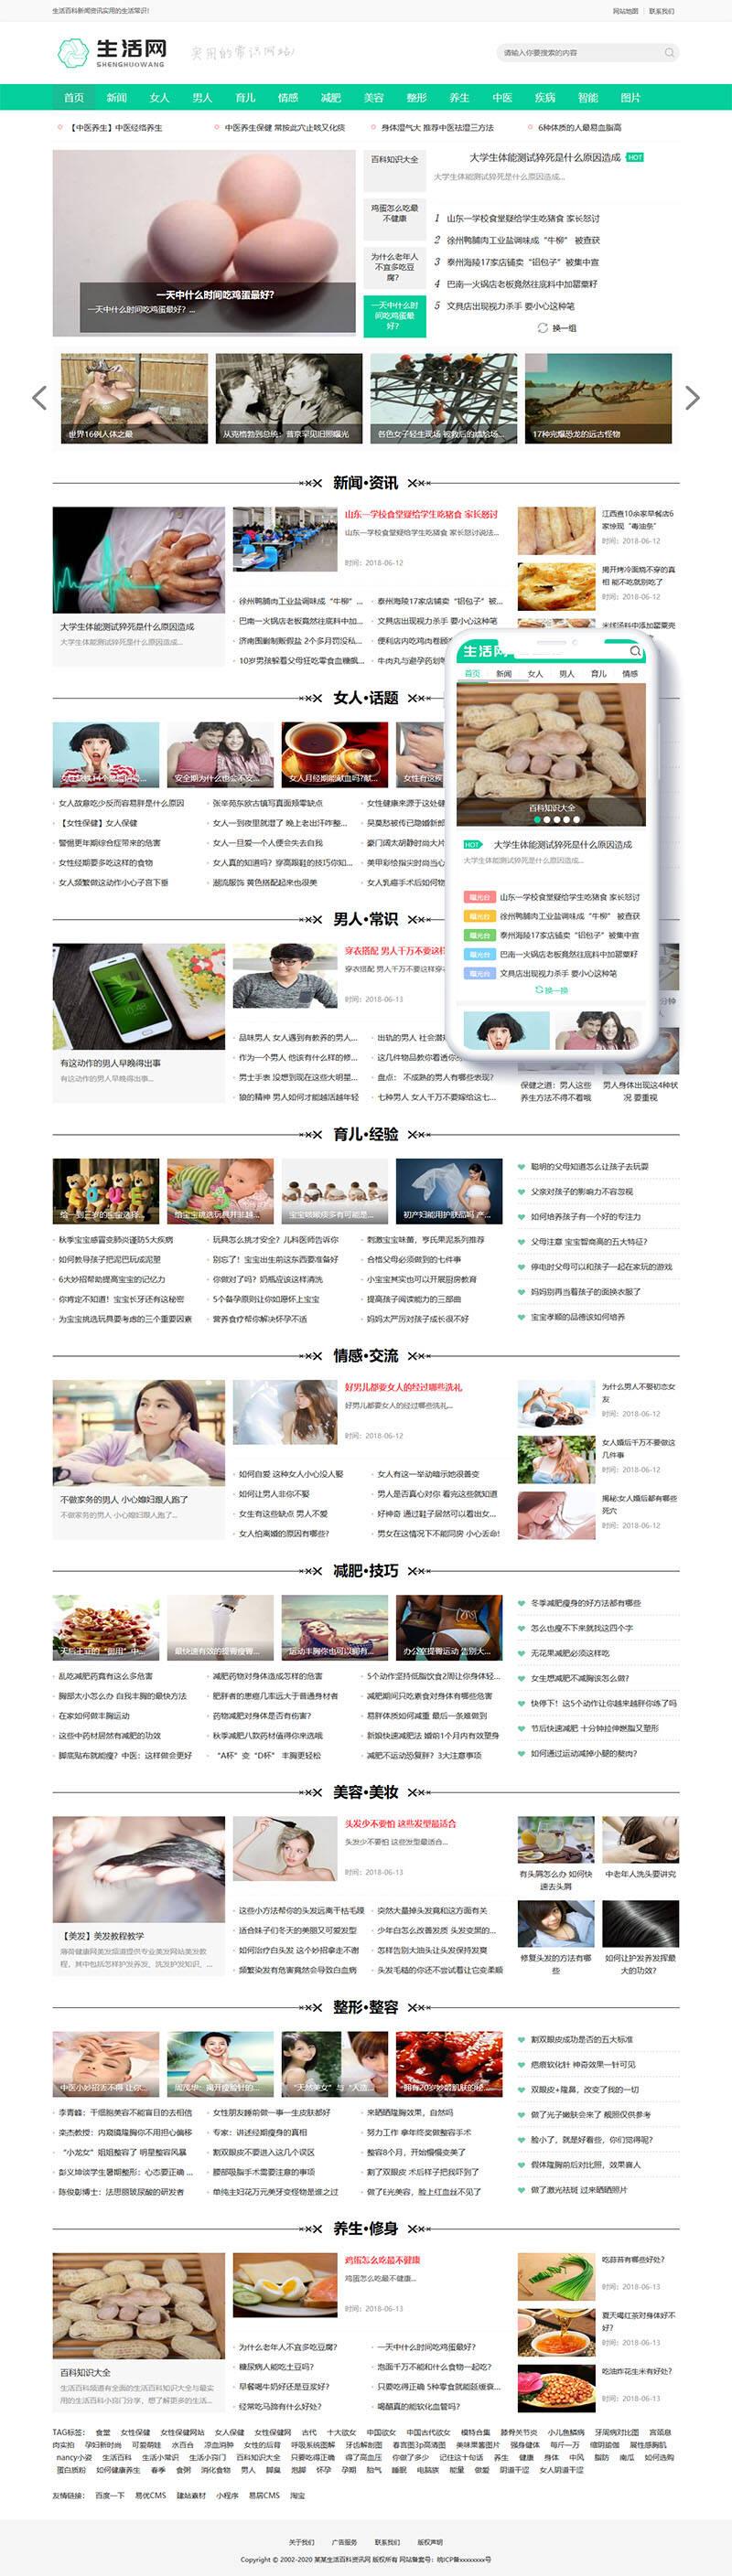 dedecms模板下载 生活百科新闻资讯网类网站织梦模板(带手机端)